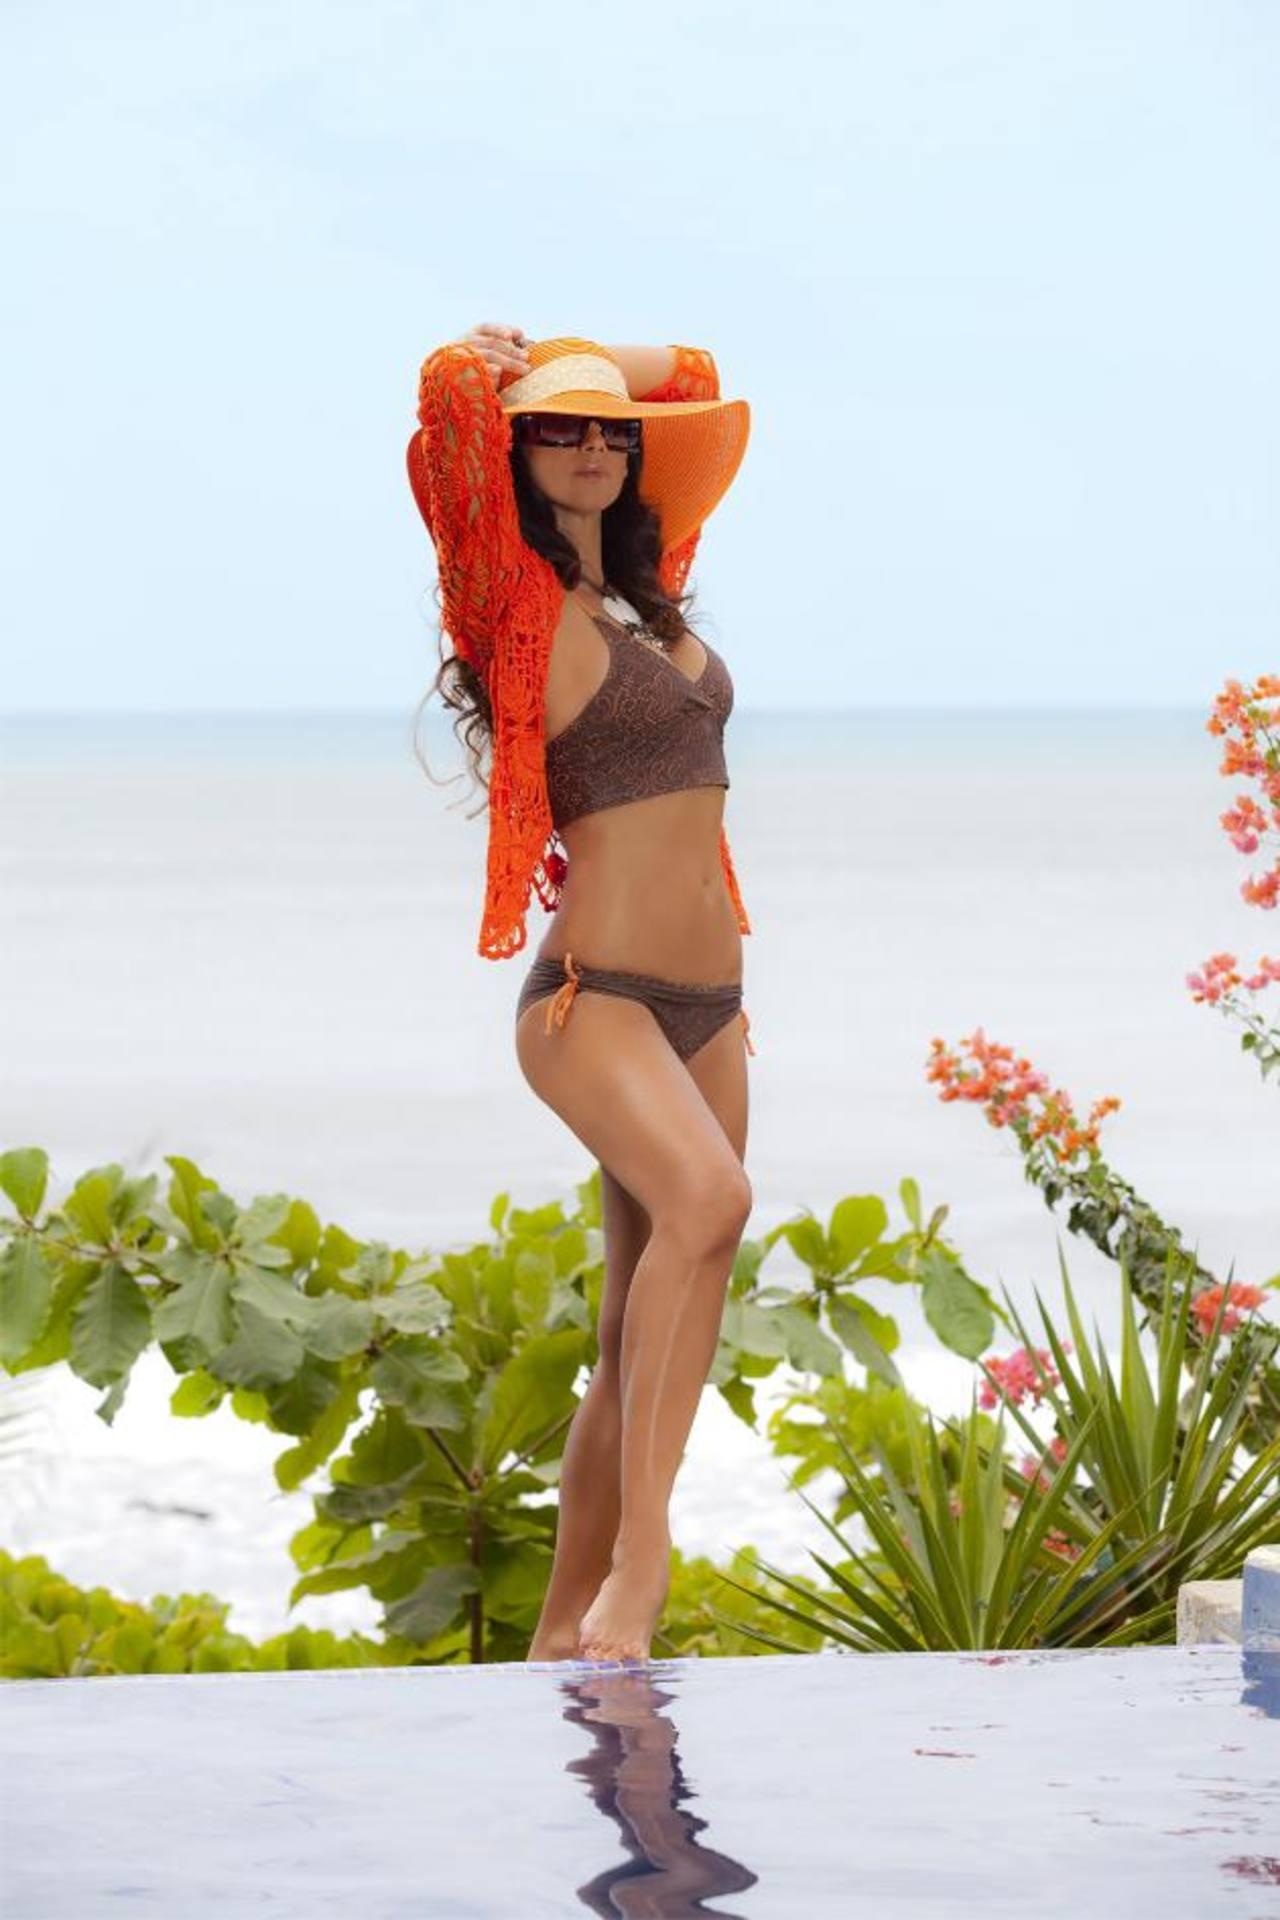 Viva el verano protegida y con estilo